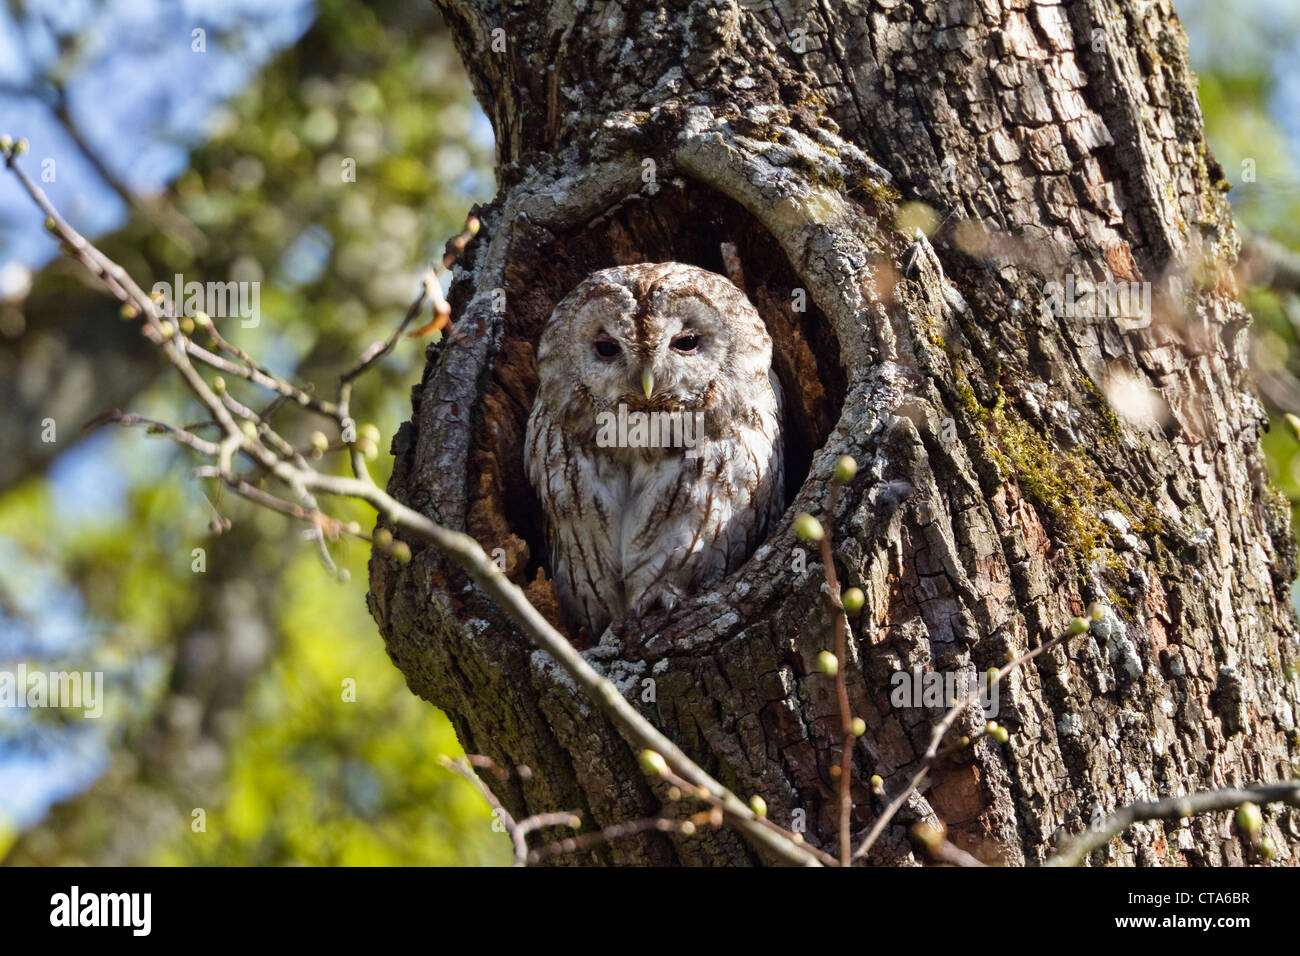 Owl (Strix aluco marrón) en el tronco de un árbol, Baviera, Alemania Imagen De Stock